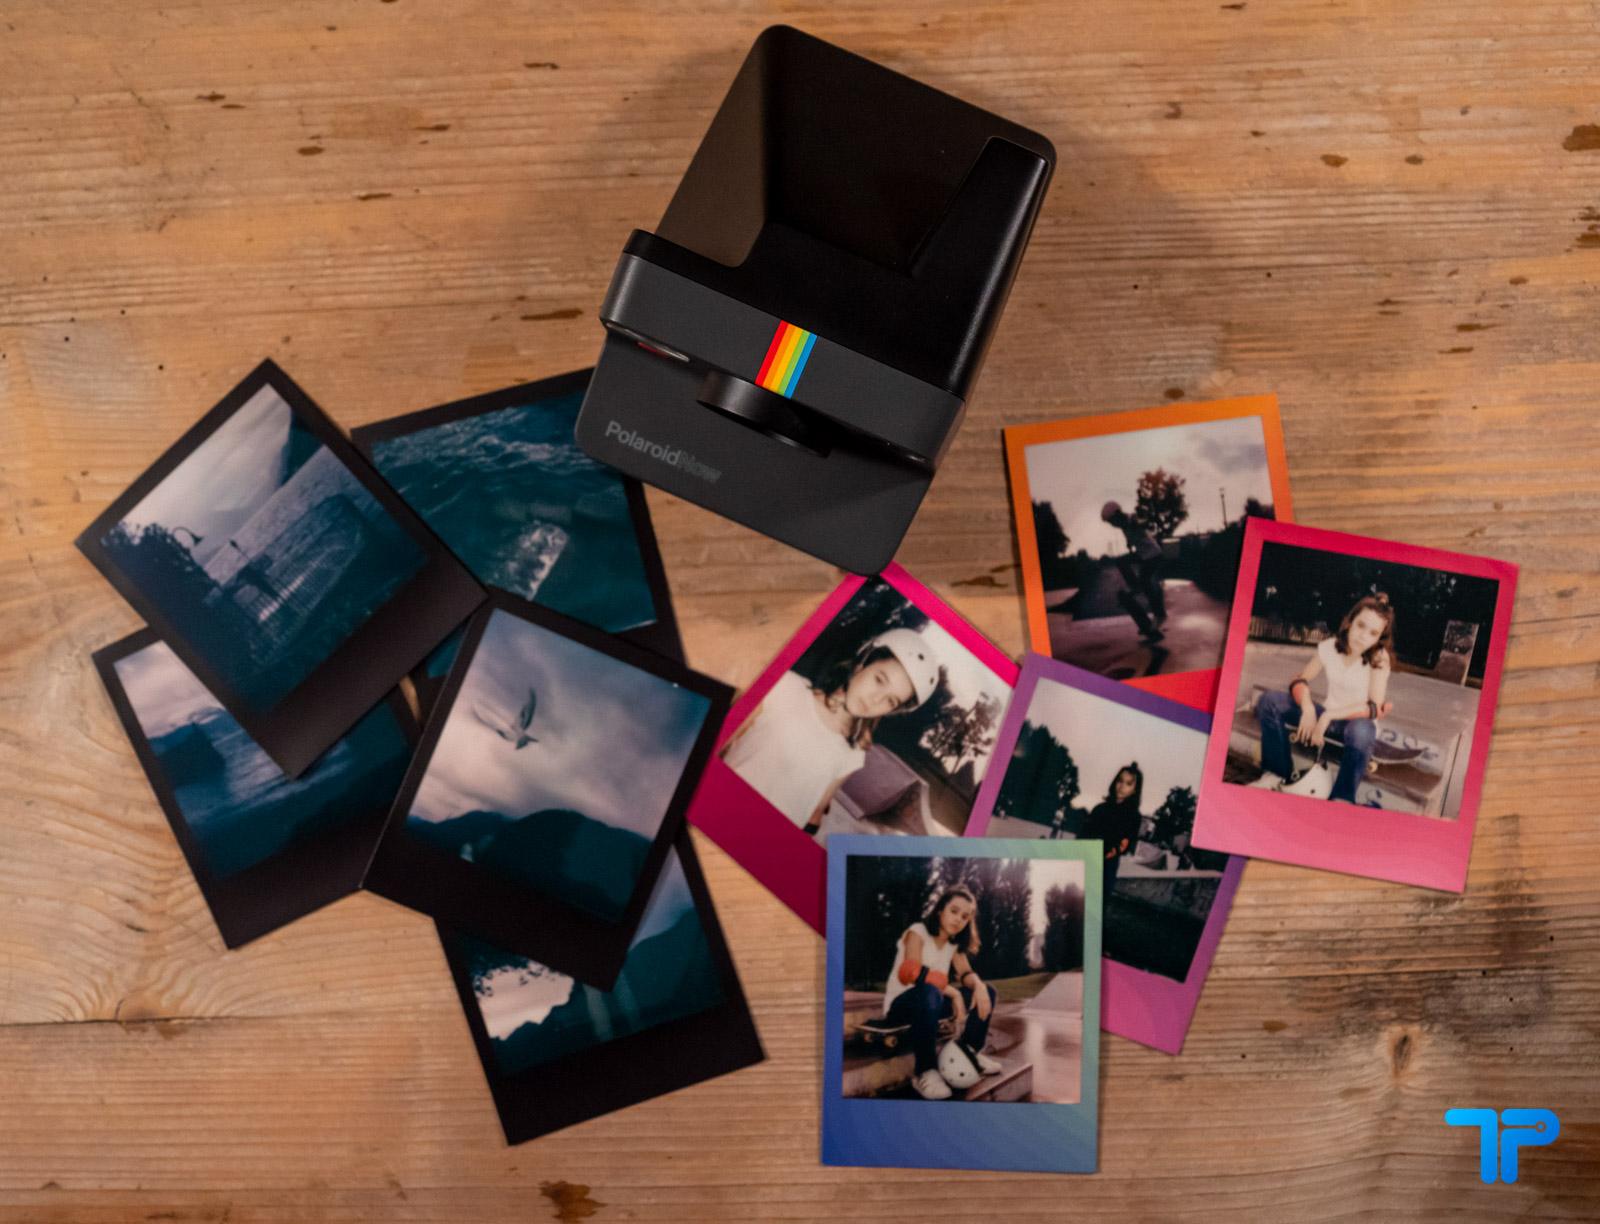 nuova polaroid foto di max&douglas